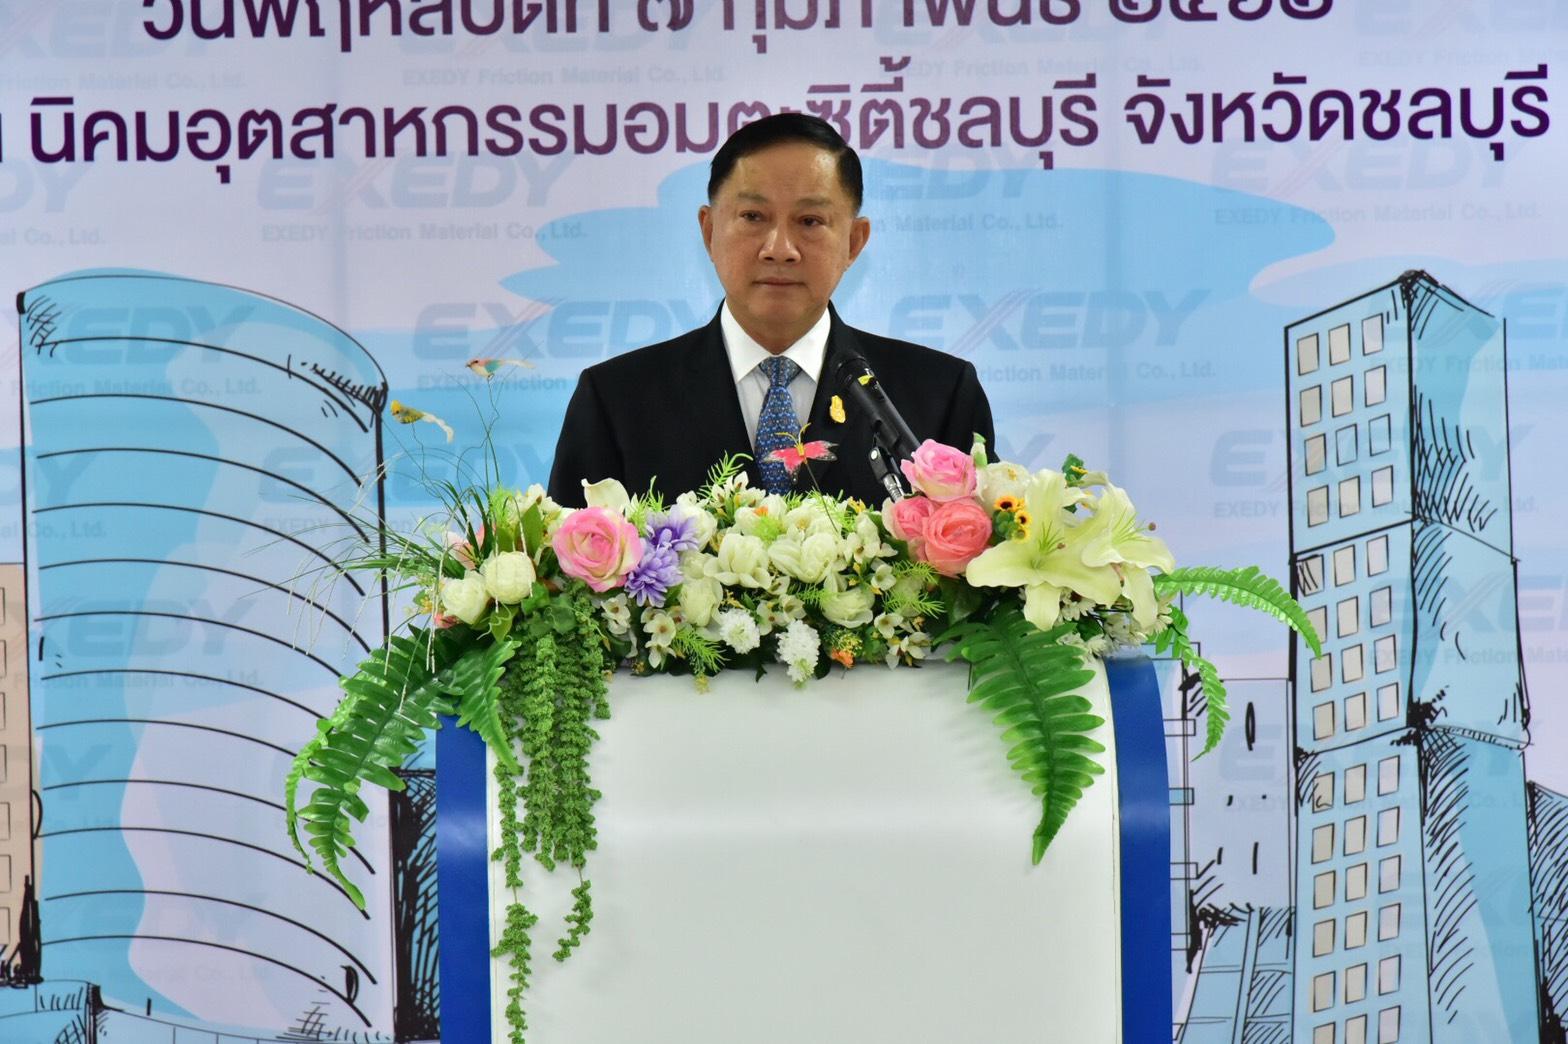 พลตำรวจเอก อดุลย์ แสงสิงแก้ว รัฐมนตรีว่าการกระทรวงแรงงาน เป็นประธานในการจัดกิจกรรมส่งเสริมสุขภาพเชิงรุกในสถานประกอบการ ณ นิคมอุตสาหกรรมอมตะซิตี้ชลบุรี  จังหวัดชลบุรี